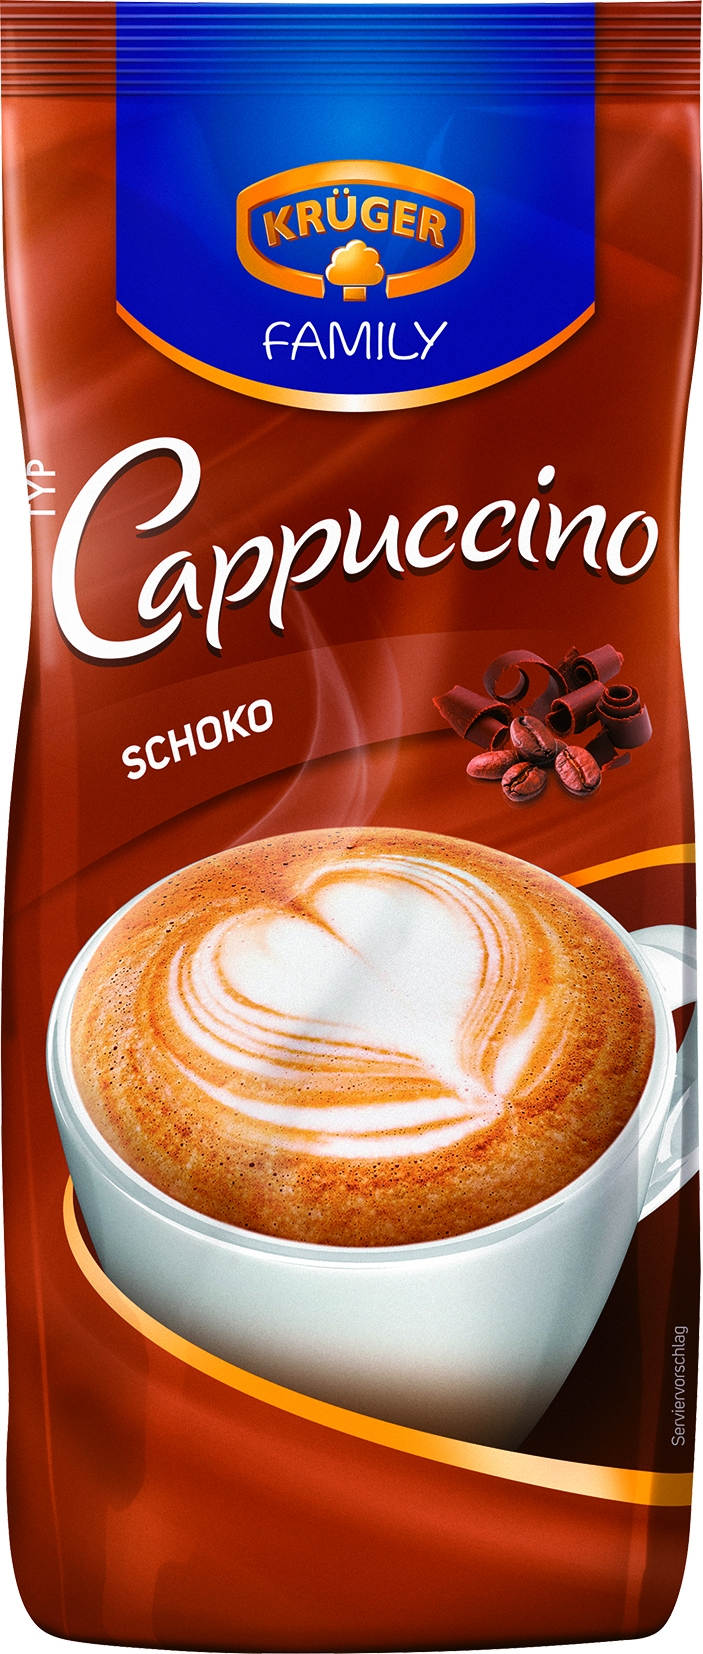 Family Schoko-Cappuccino